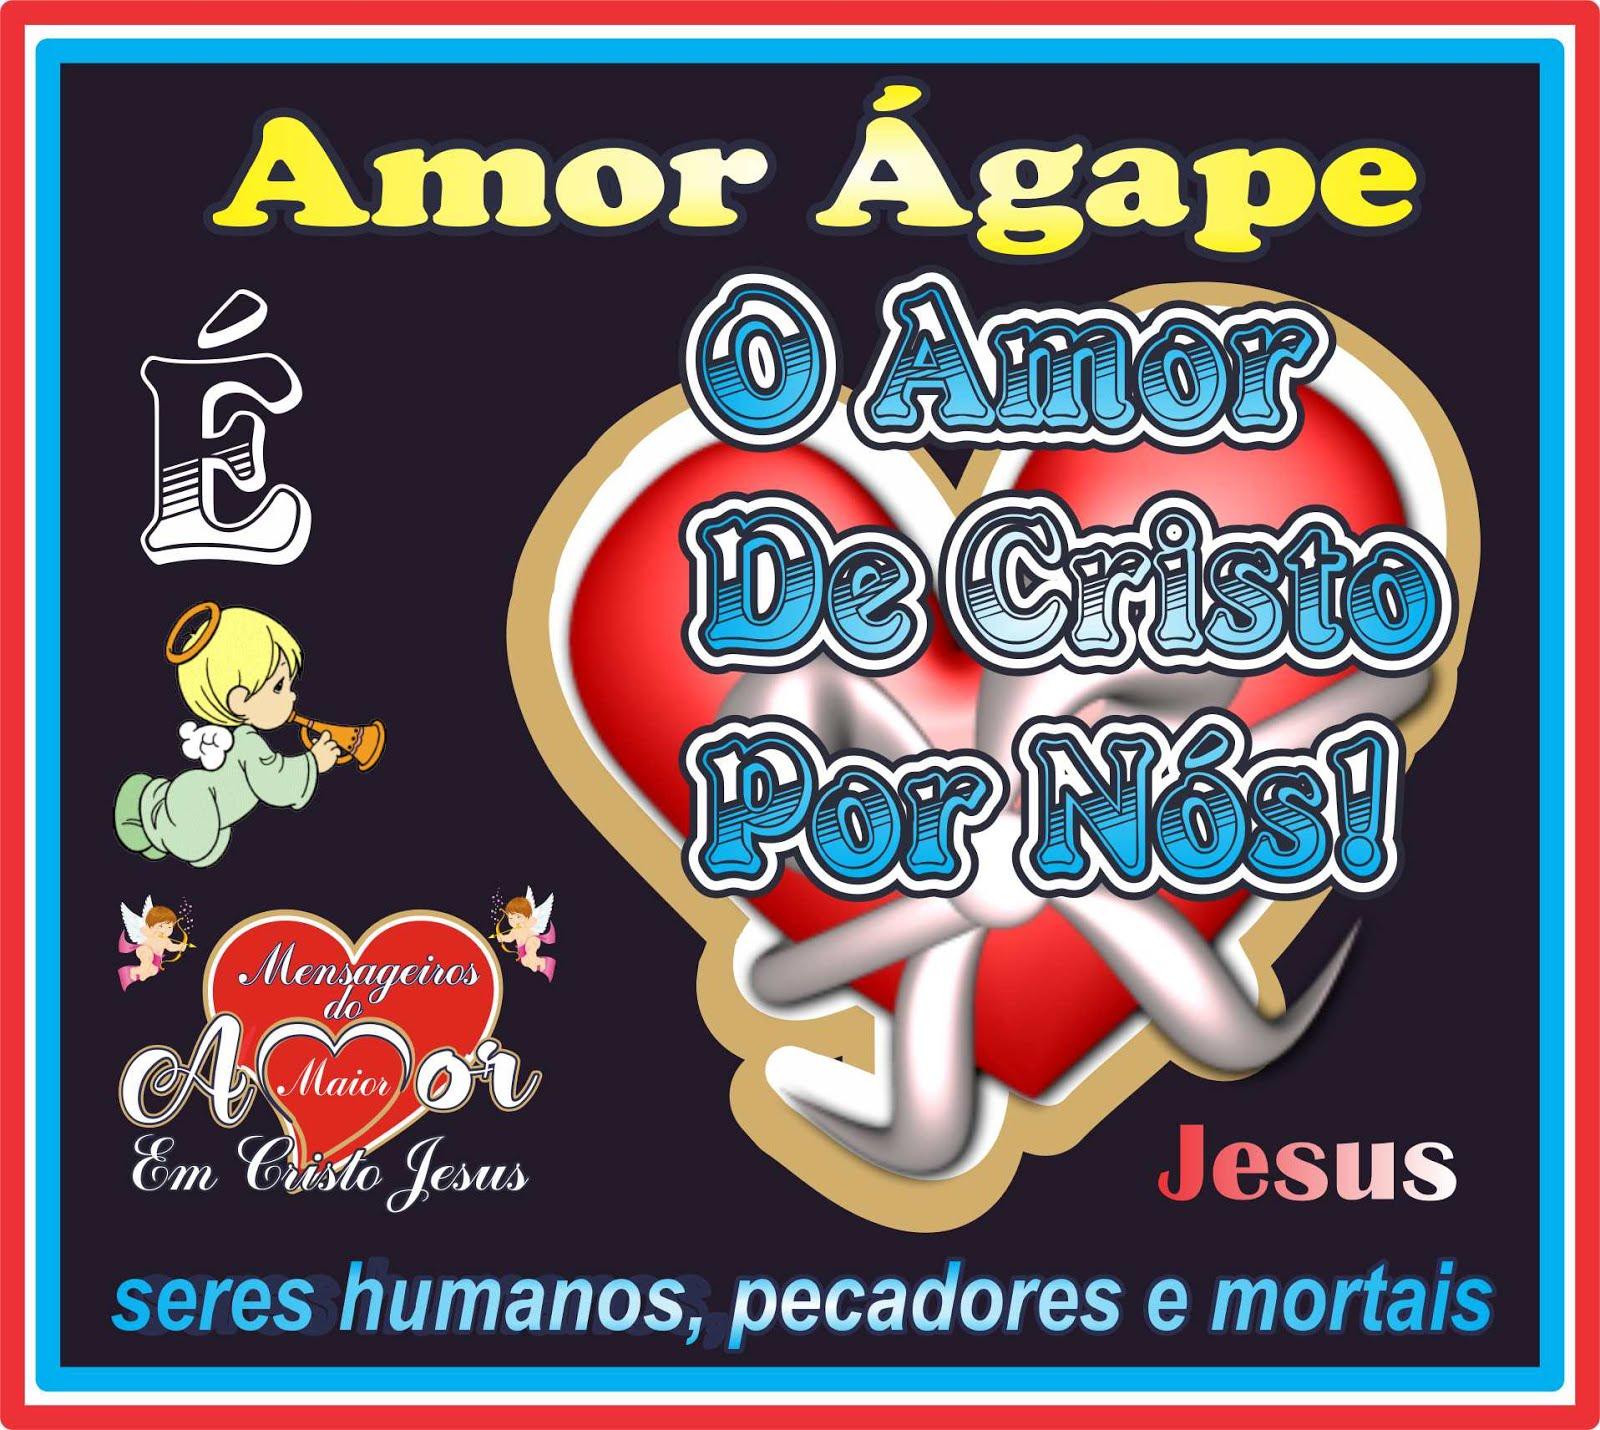 O Senhor  Filho Unigênito do Altíssimo Jesus Cristo